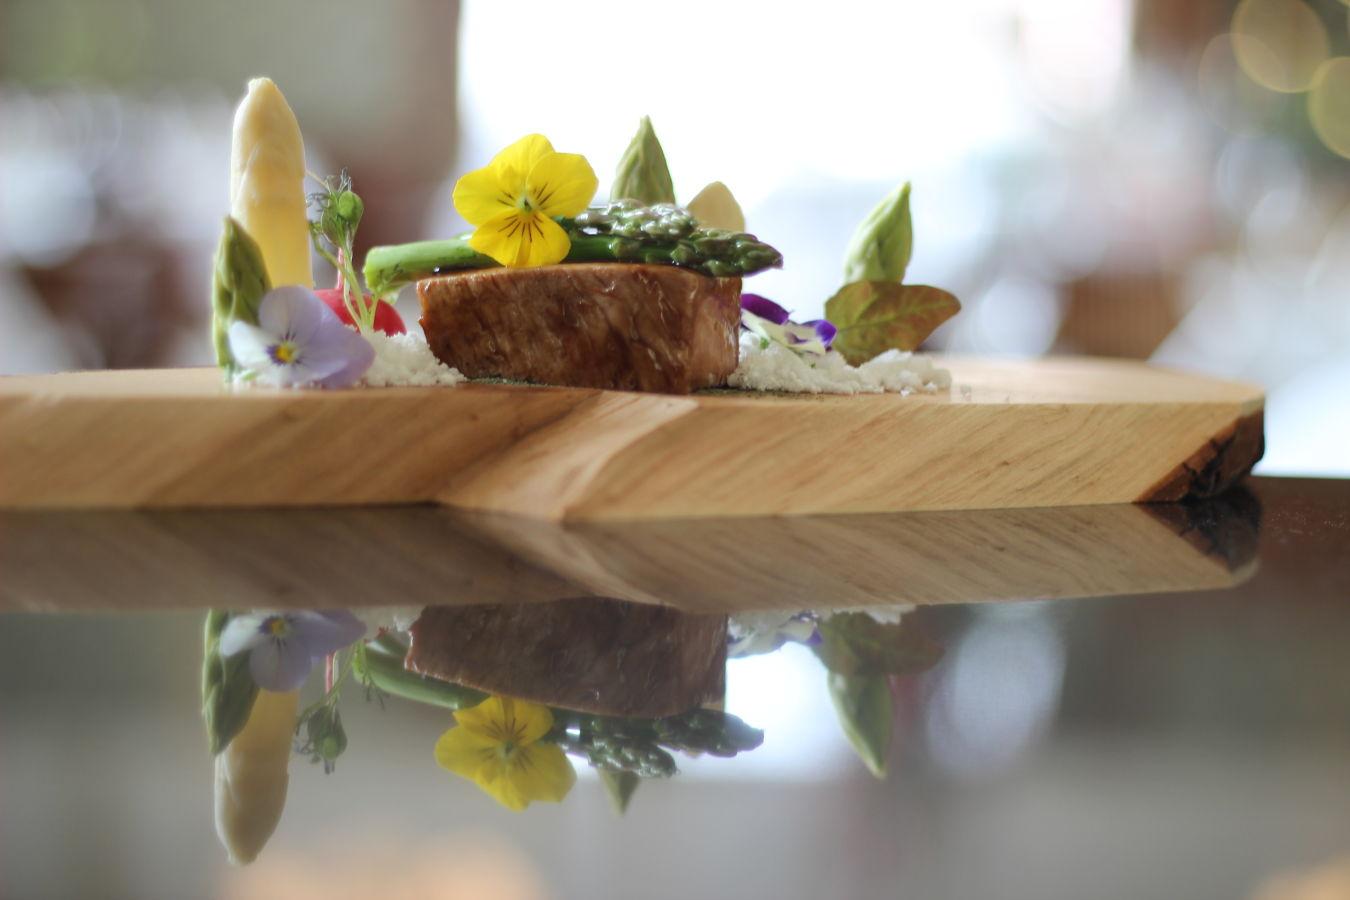 Nepatří jen na zahradu aneb Jedlé květiny v moderní gastronomii